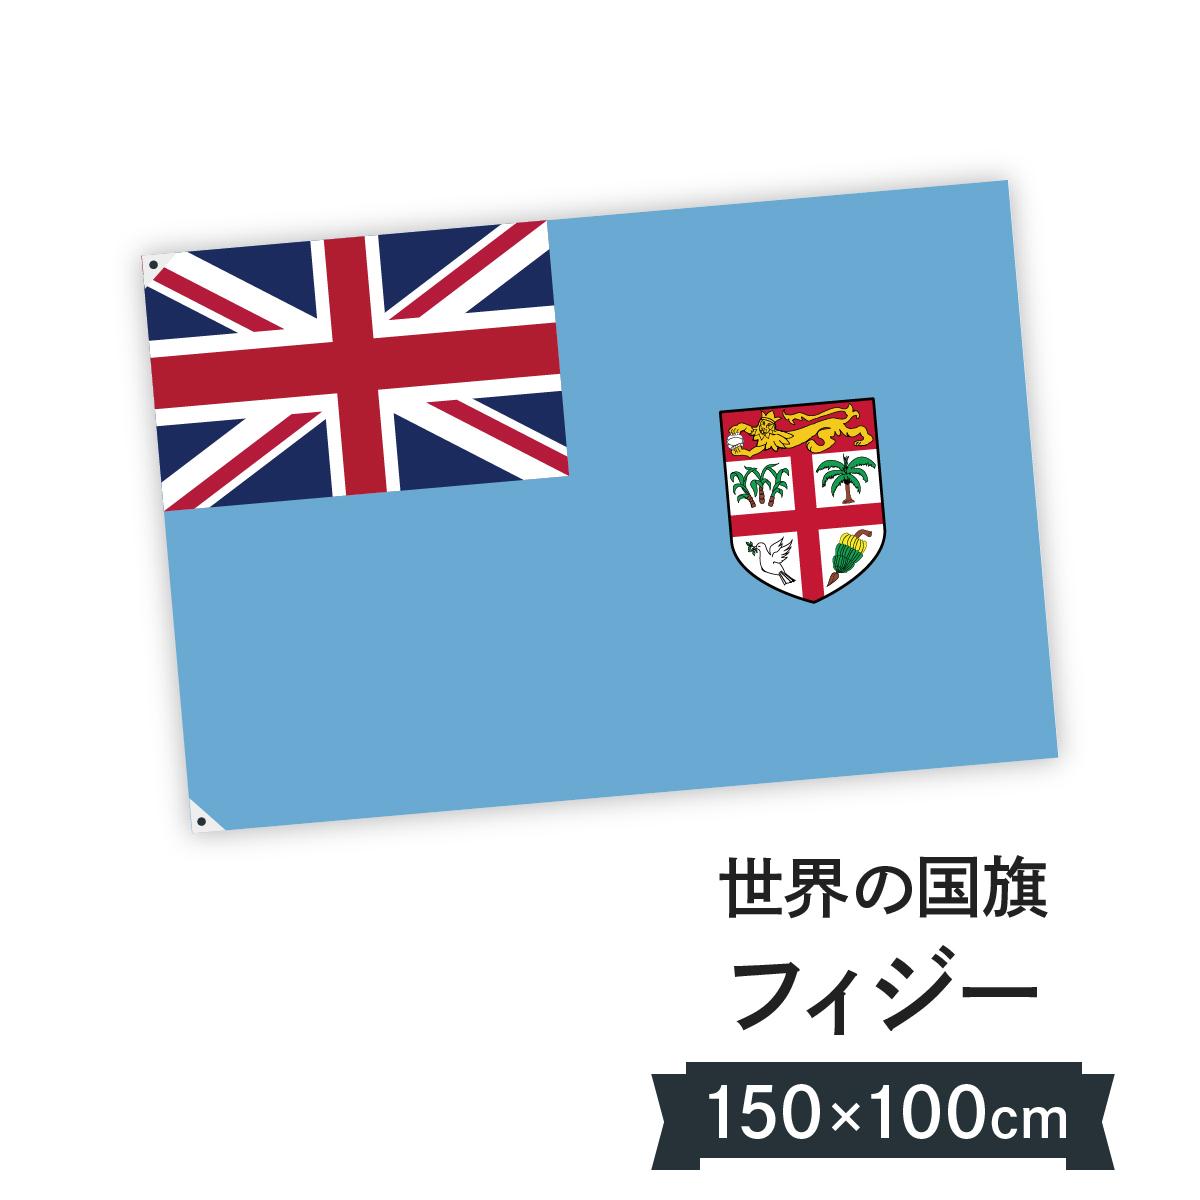 フィジー共和国 国旗 W150cm H100cm